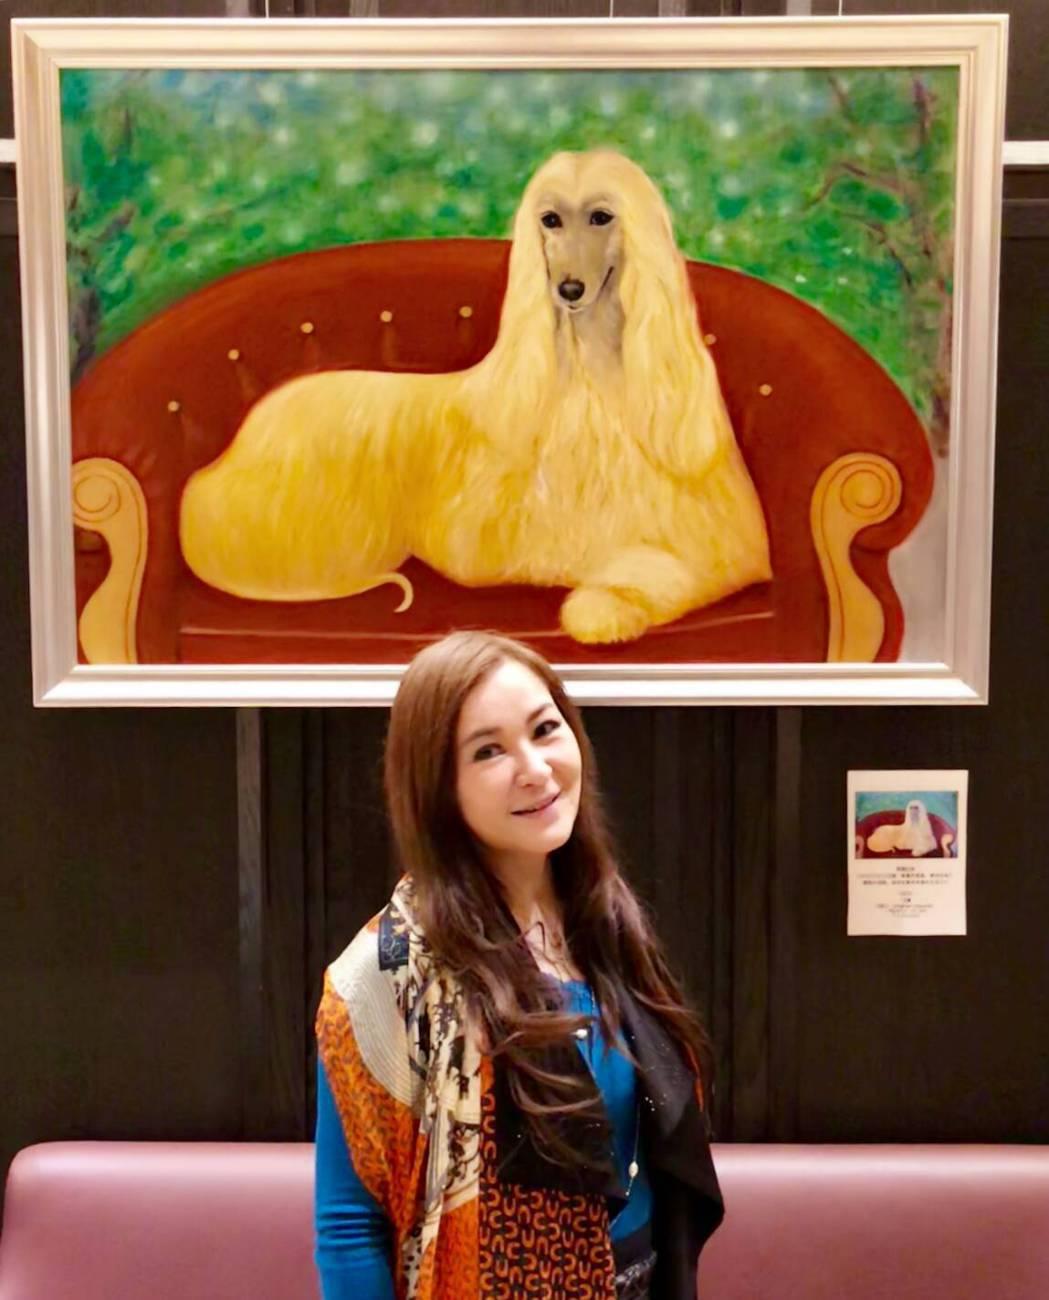 張富美從藝人轉型為療癒畫家,日前還開狗狗畫展。圖/倪有純提供